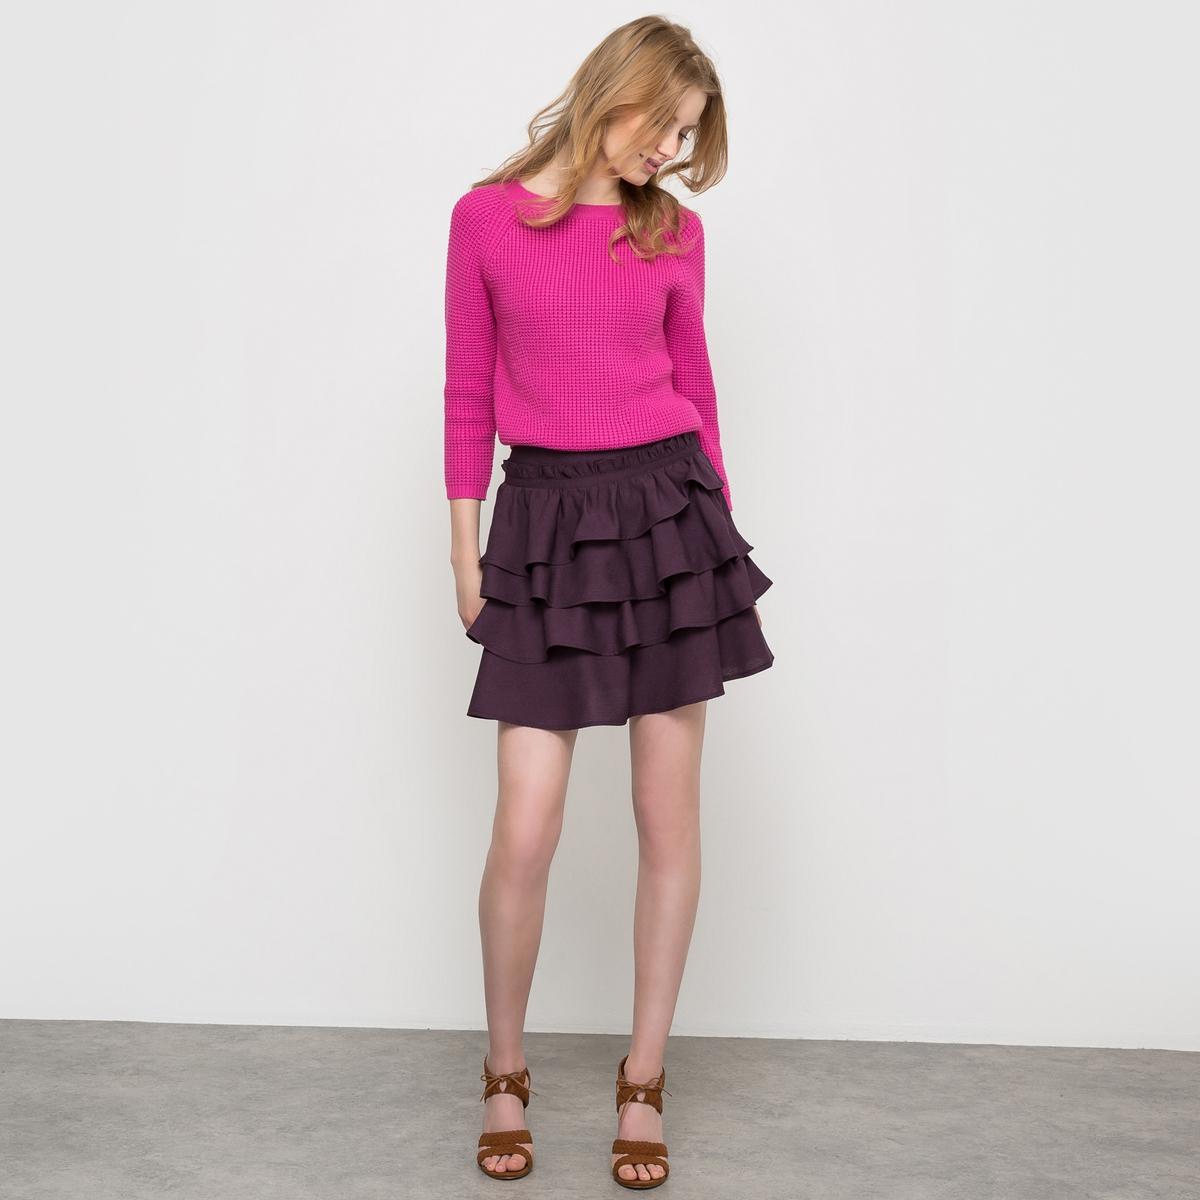 Юбка с воланамиНевероятно женственная, прекрасно сочетается с ярким пуловером или блузкой с рисунком !<br><br>Цвет: фиолетовый<br>Размер: 42 (FR) - 48 (RUS).46 (FR) - 52 (RUS).40 (FR) - 46 (RUS)